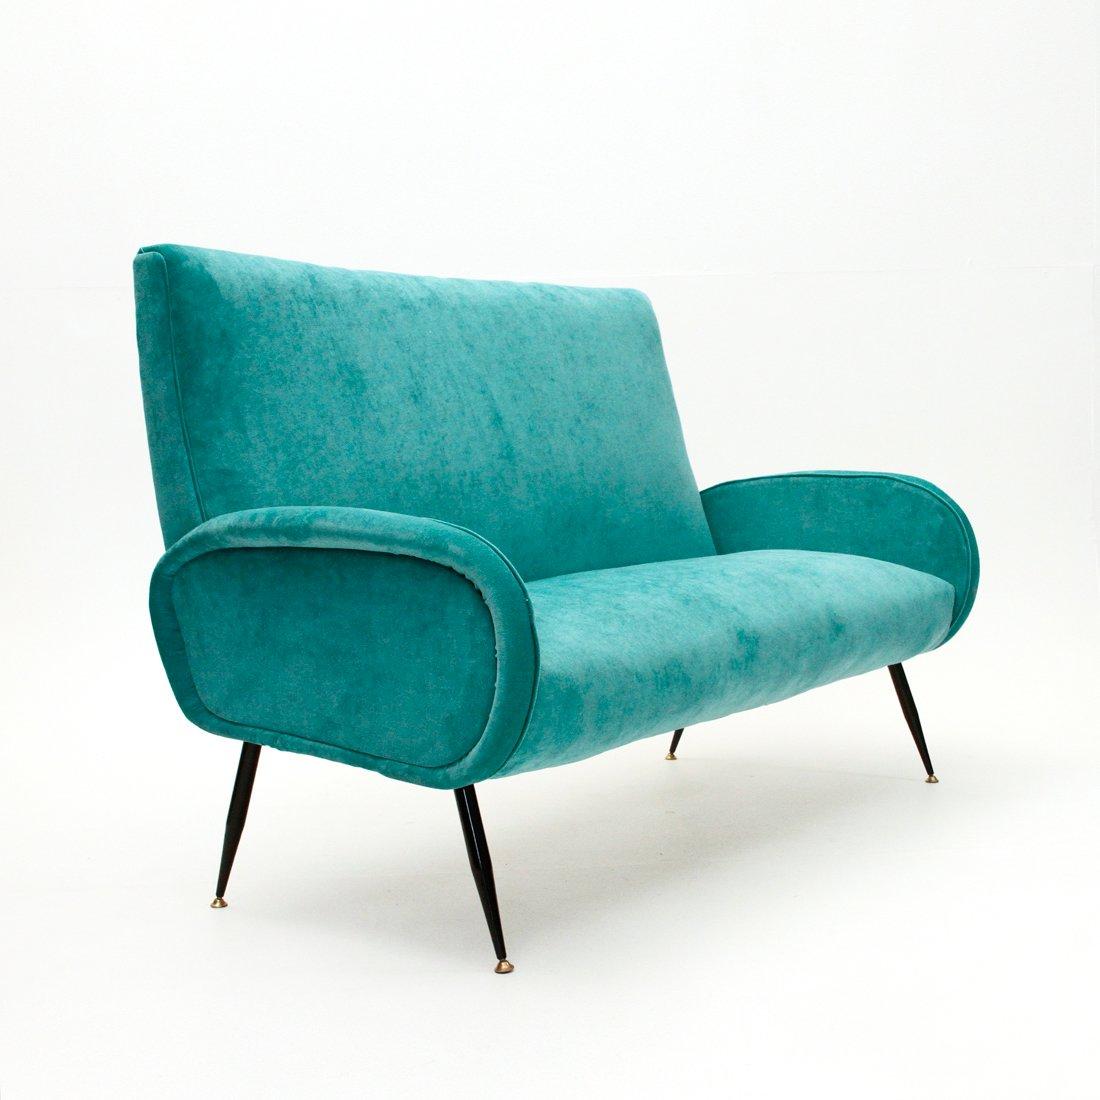 Mid century italian velvet sofa 1950s for sale at pamono for Divan 1950